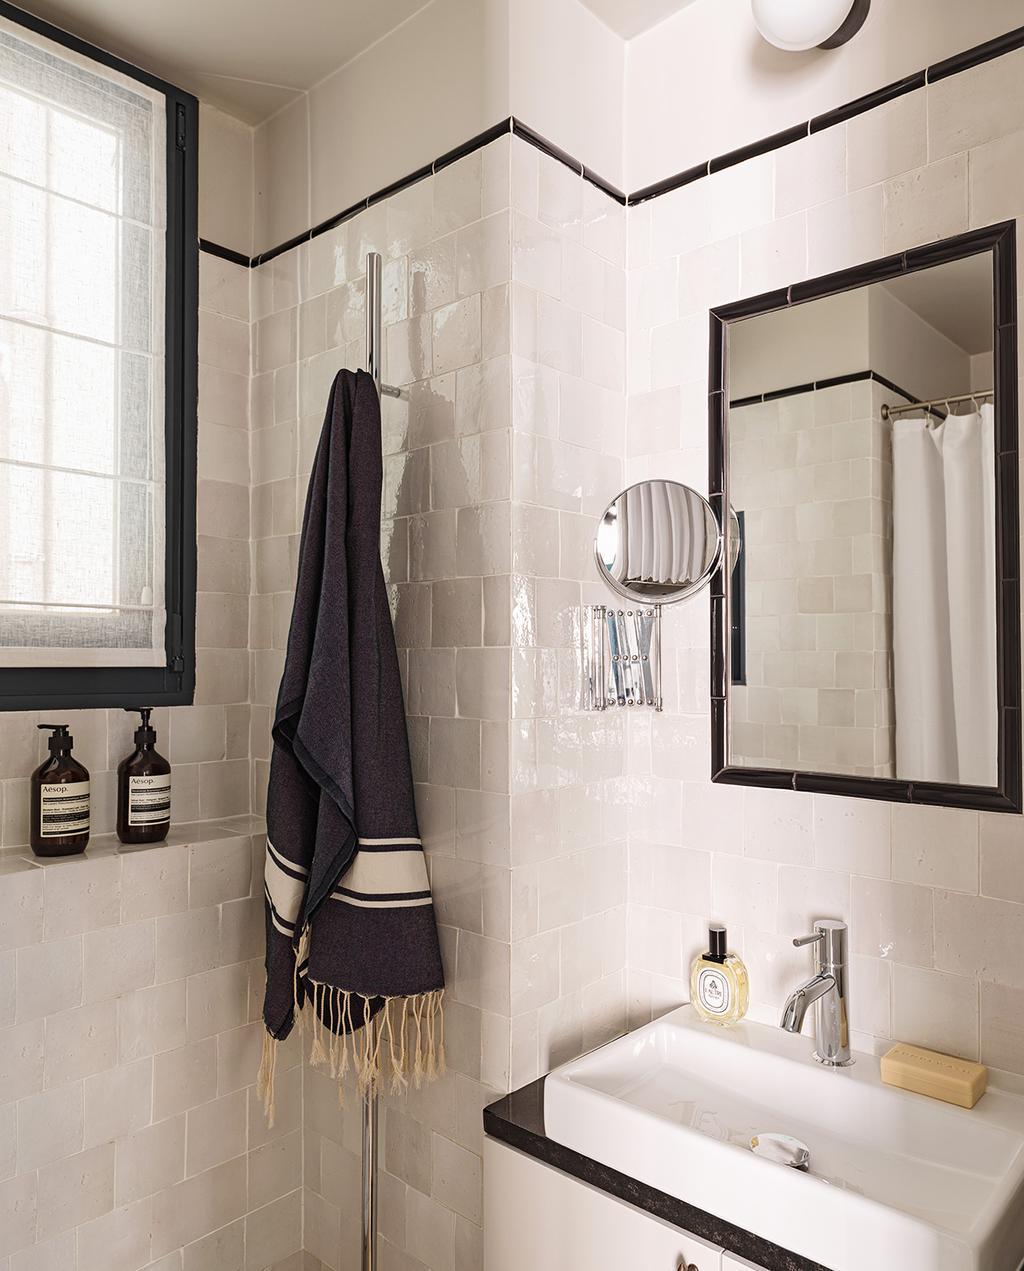 vtwonen special tiny houses   witte tegels in de badkamer met aan de bovenkant een zwarte lijn, en een zwarte doek I weg met die witte muren